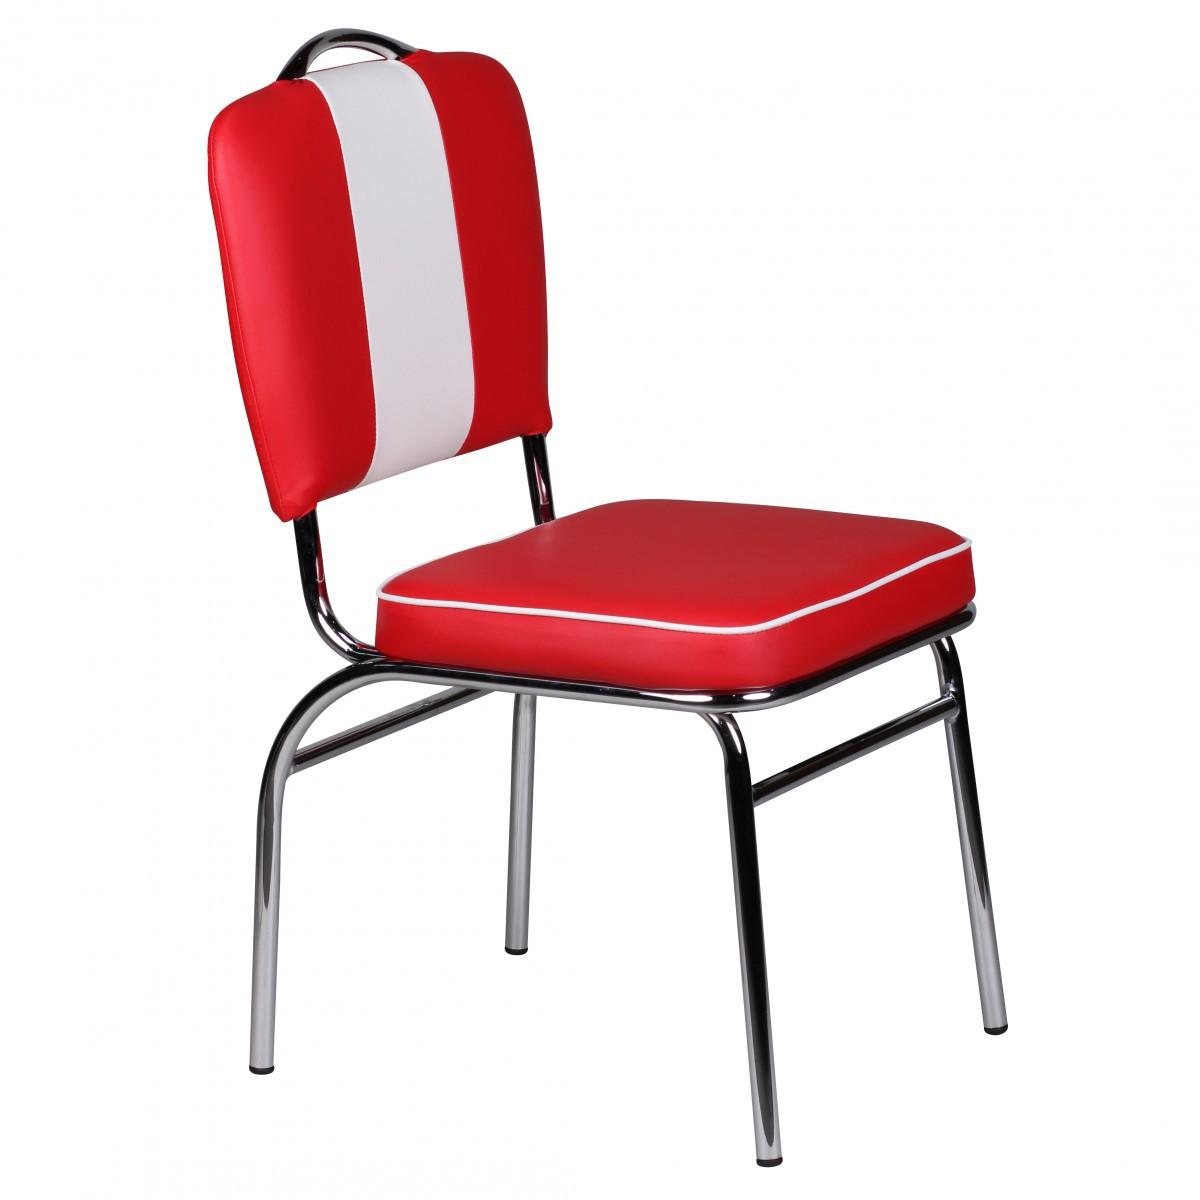 design esszimmerstuhl american diner 50er jahre retro rot. Black Bedroom Furniture Sets. Home Design Ideas